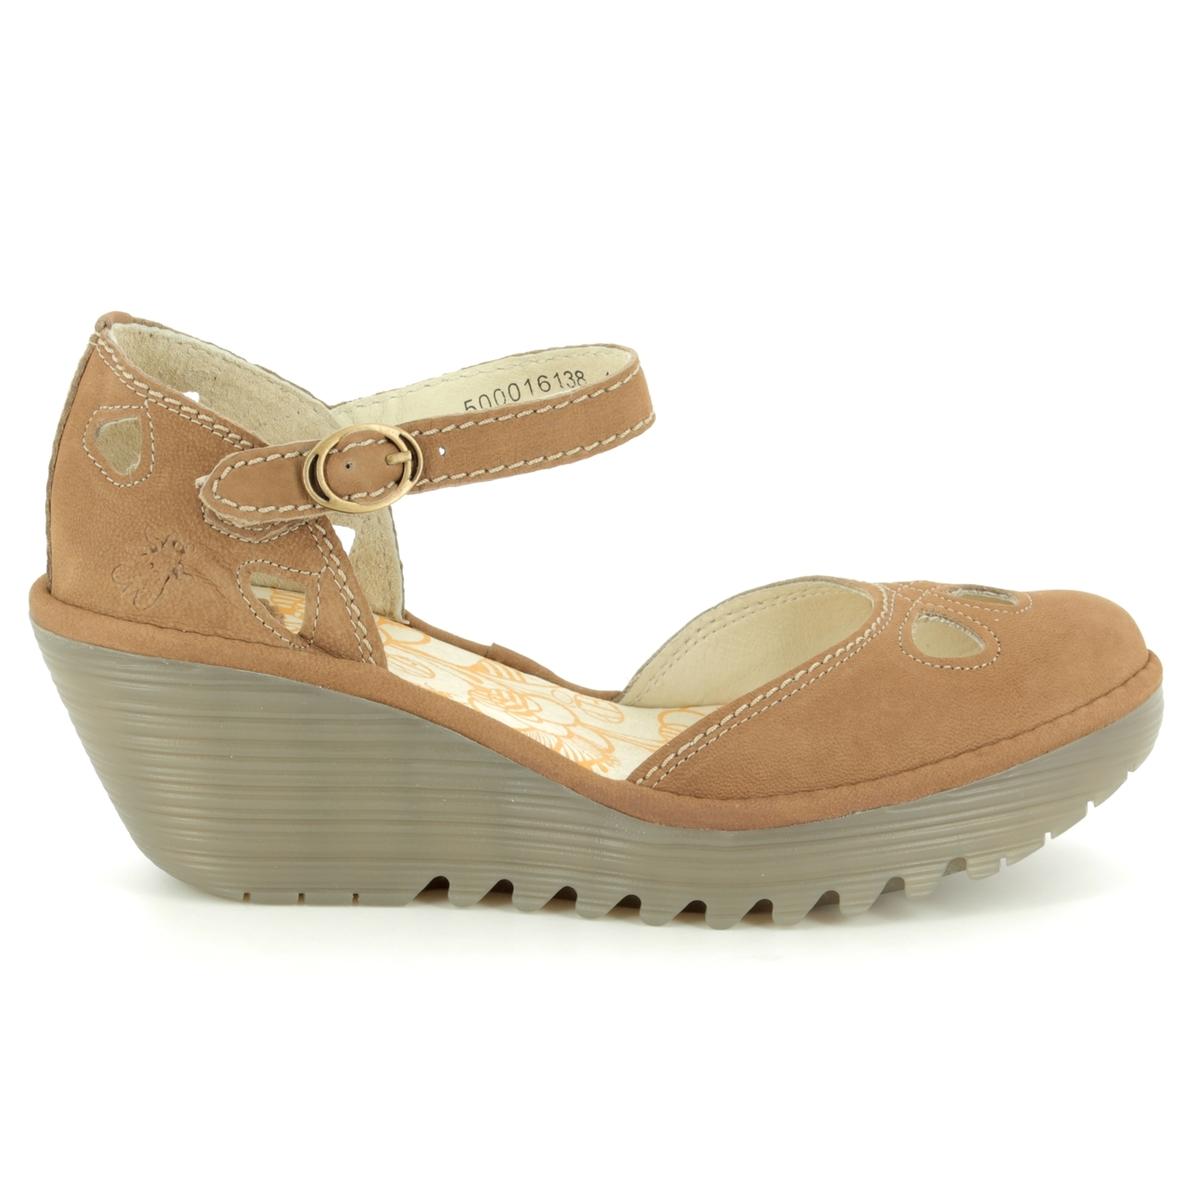 ae6cab67a69 Fly london yuna tan wedge shoes jpg 1200x1200 Yuna sandals disney